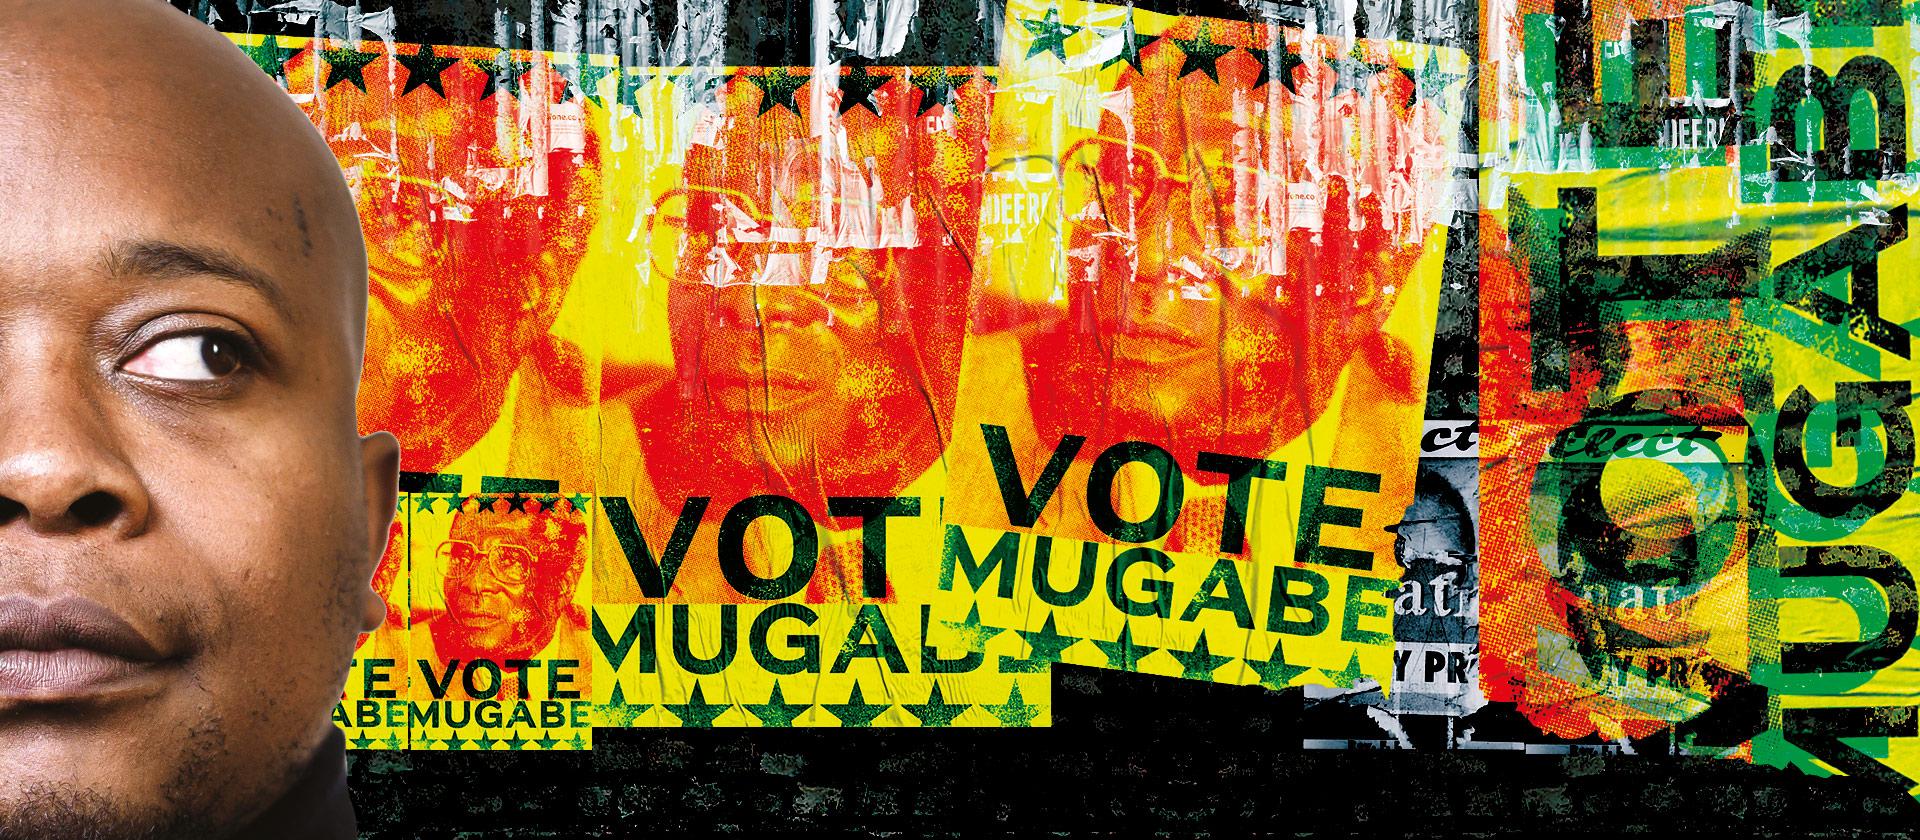 Mugabe, My Dad & Me